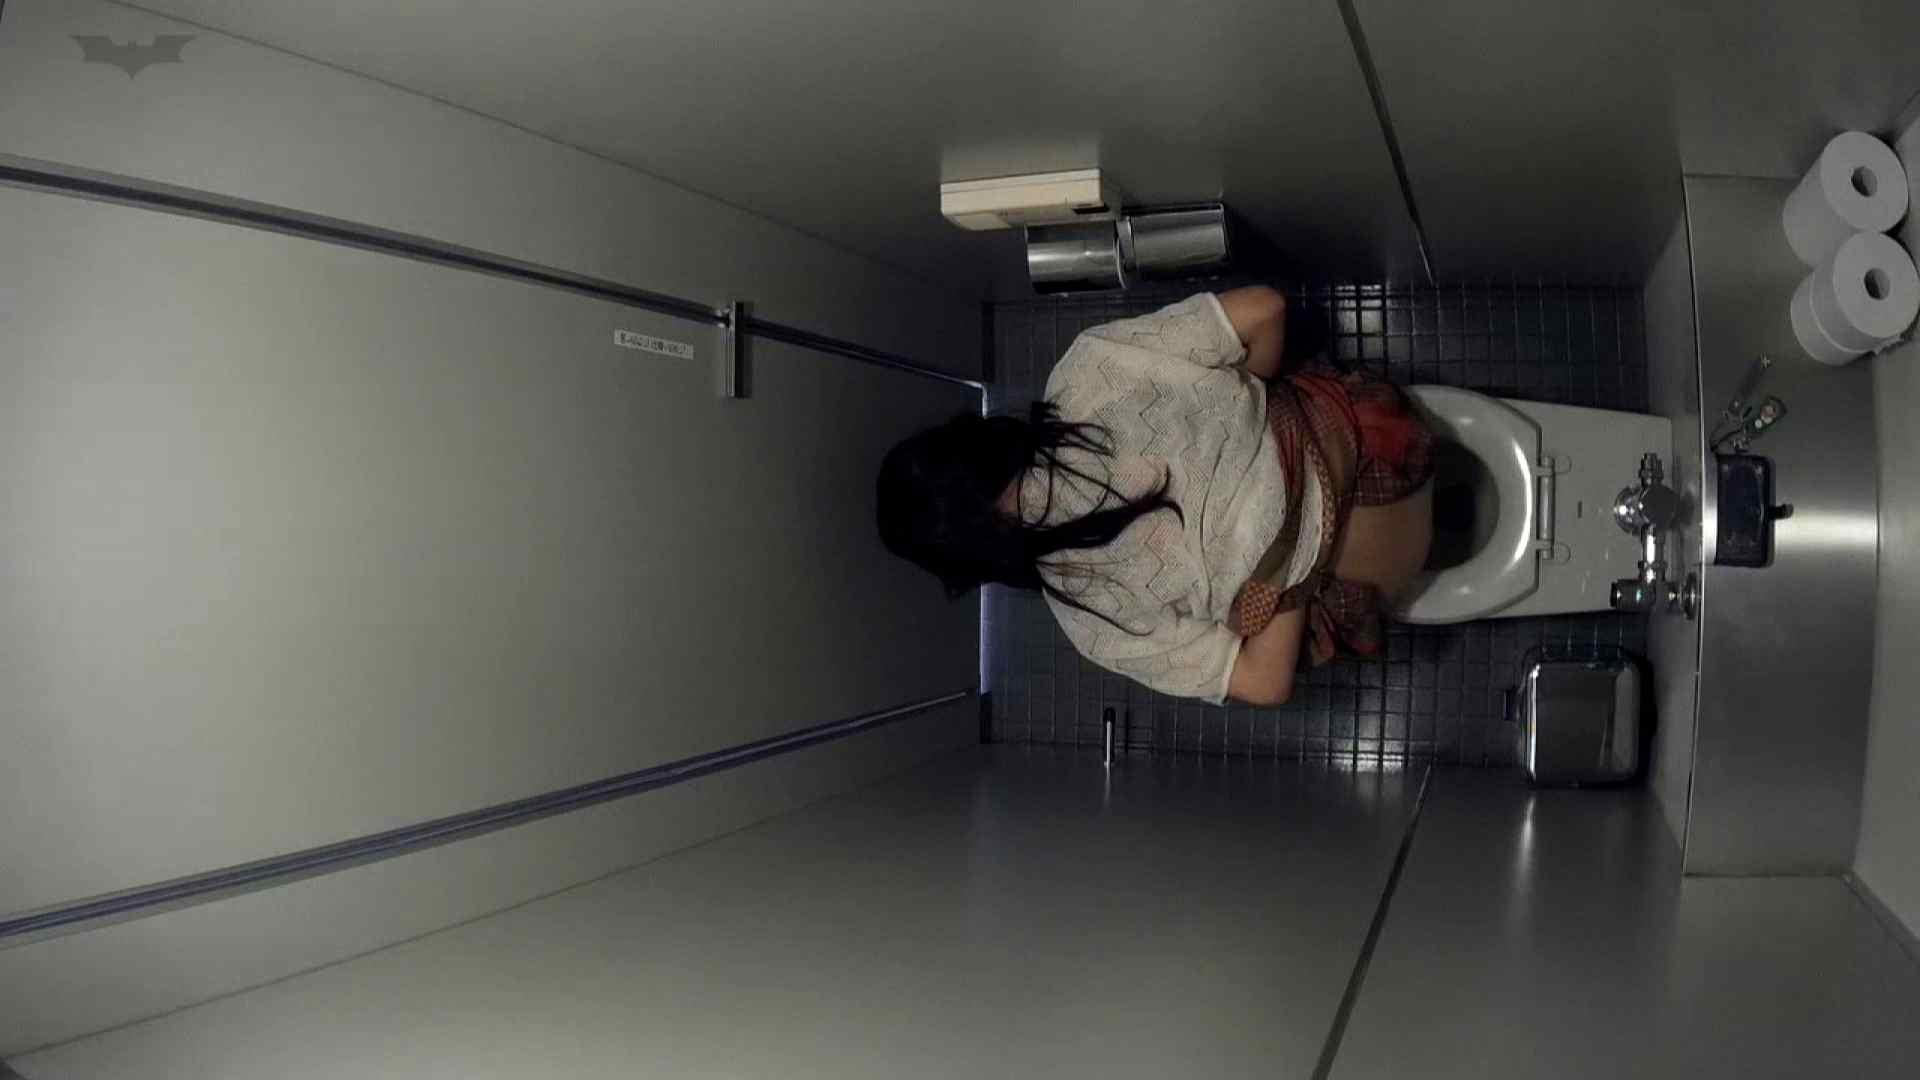 有名大学女性洗面所 vol.45 冴え渡る多方向撮影!職人技です。 潜入  98pic 21